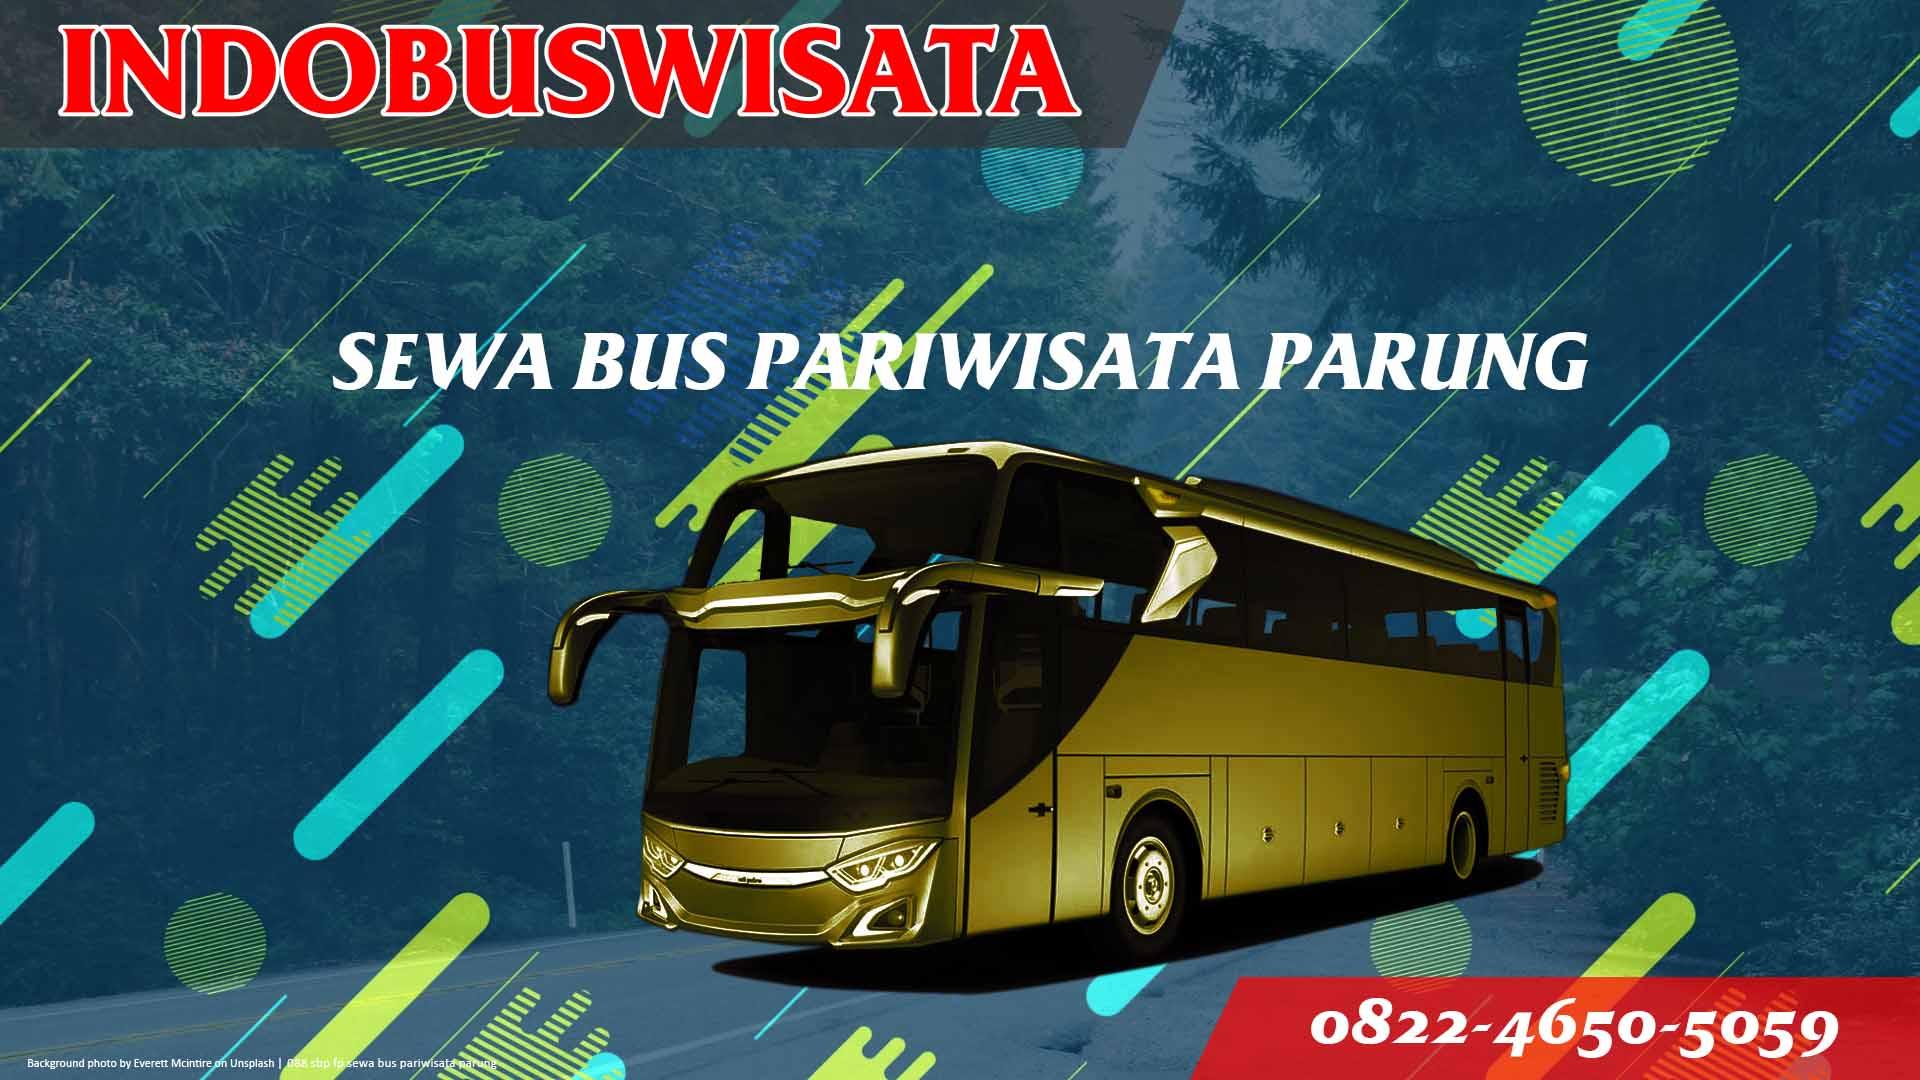 088 Sbp Fp Sewa Bus Pariwisata Parung Indobuswisata